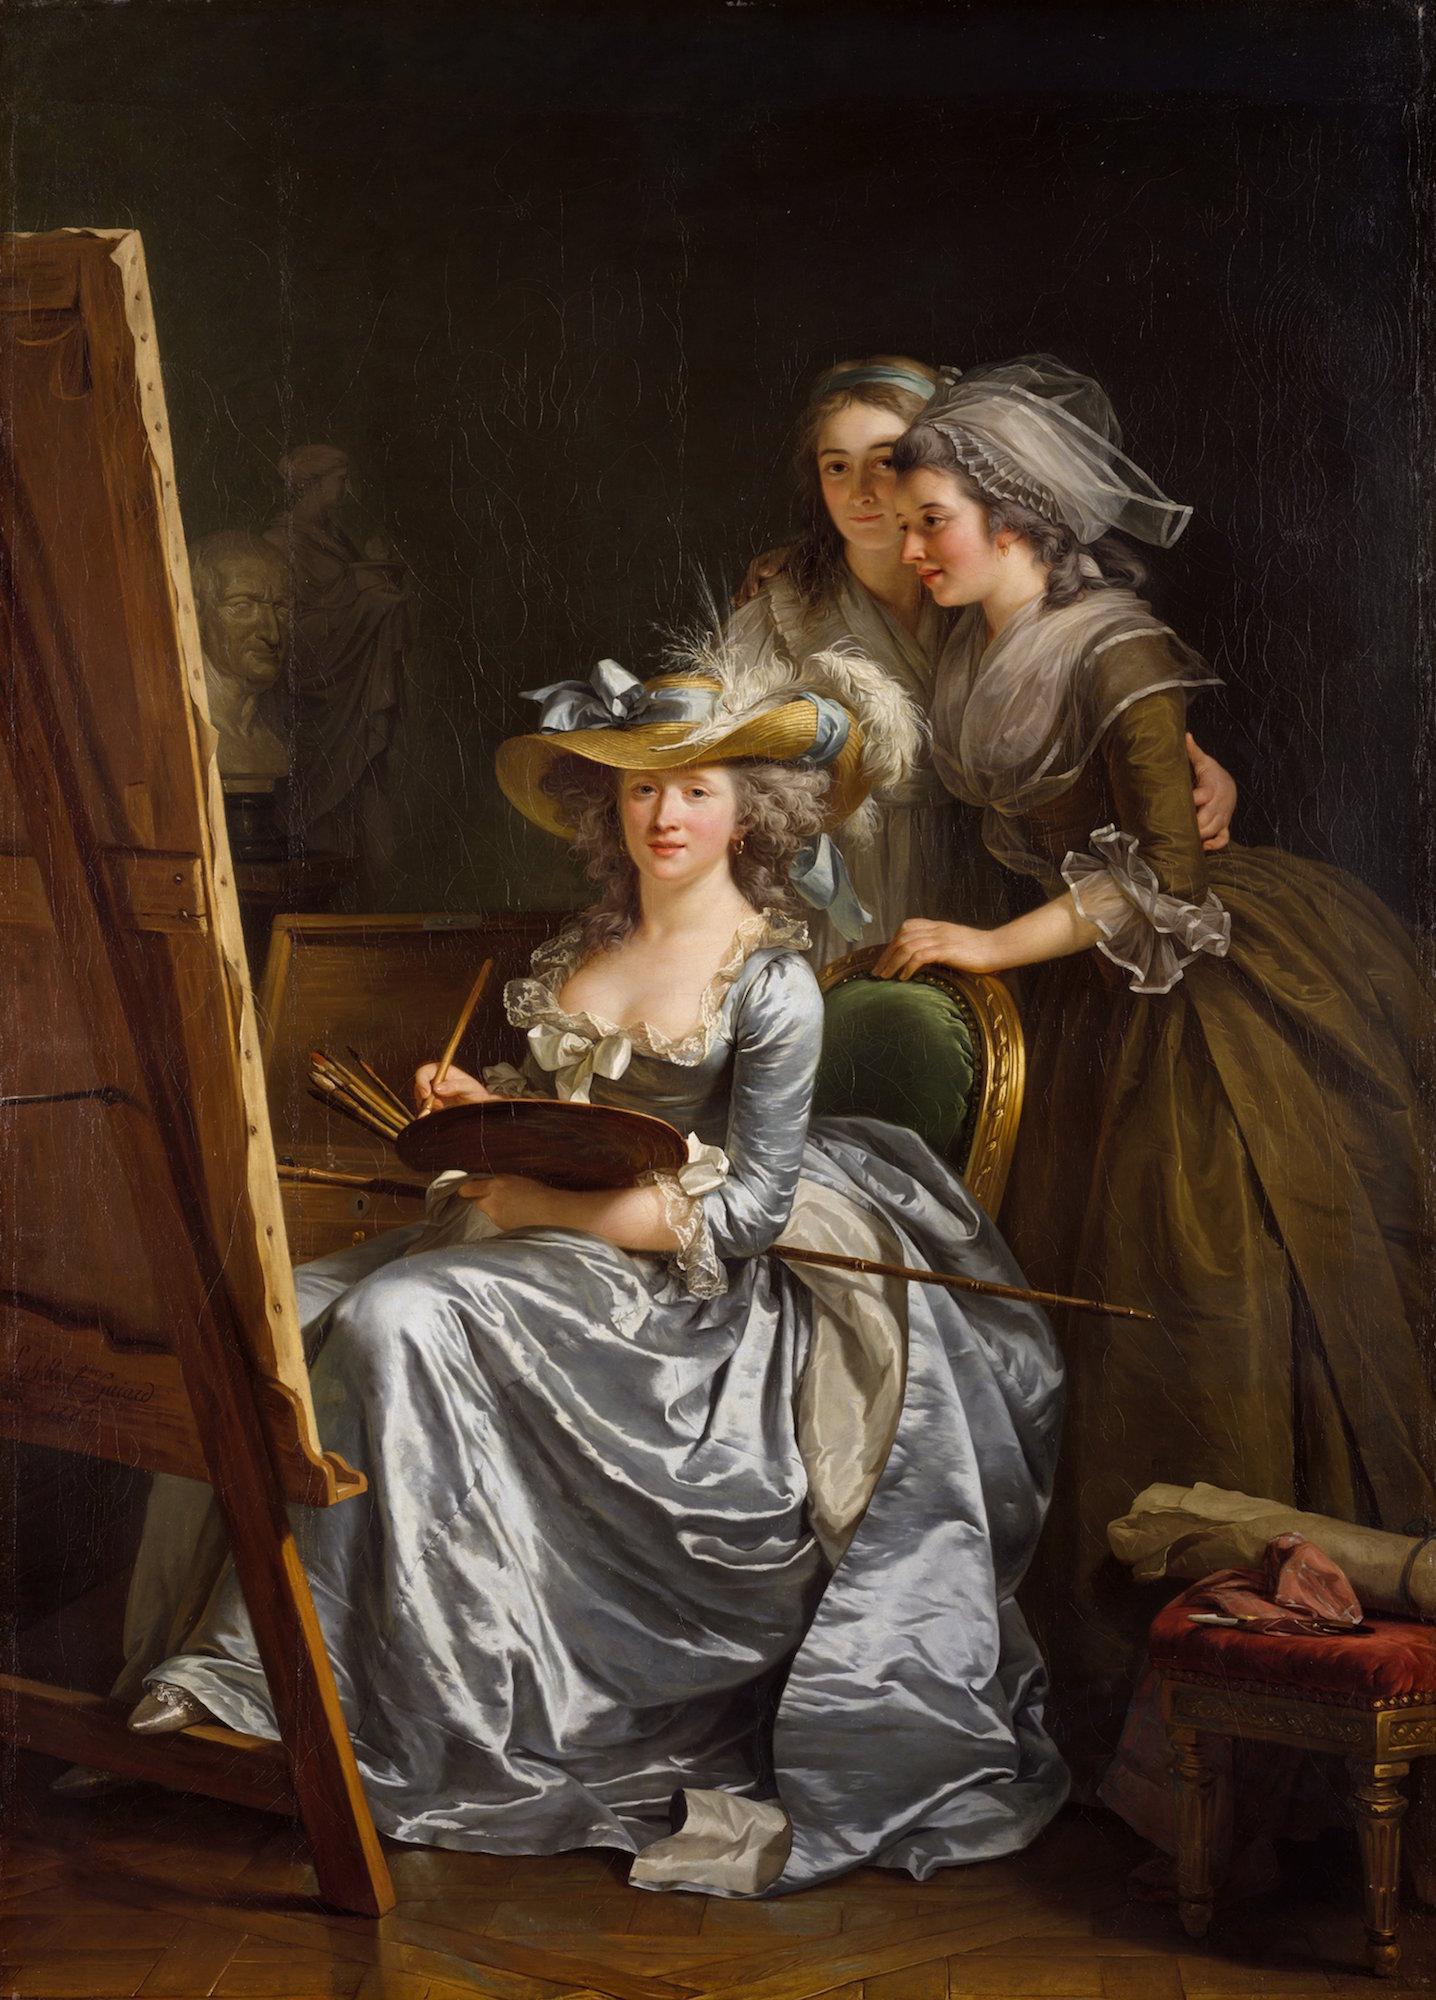 Adélaïde Labille-Guiard: Autorretrato con dos alumnas. Metropolitan Museum, Nueva York.